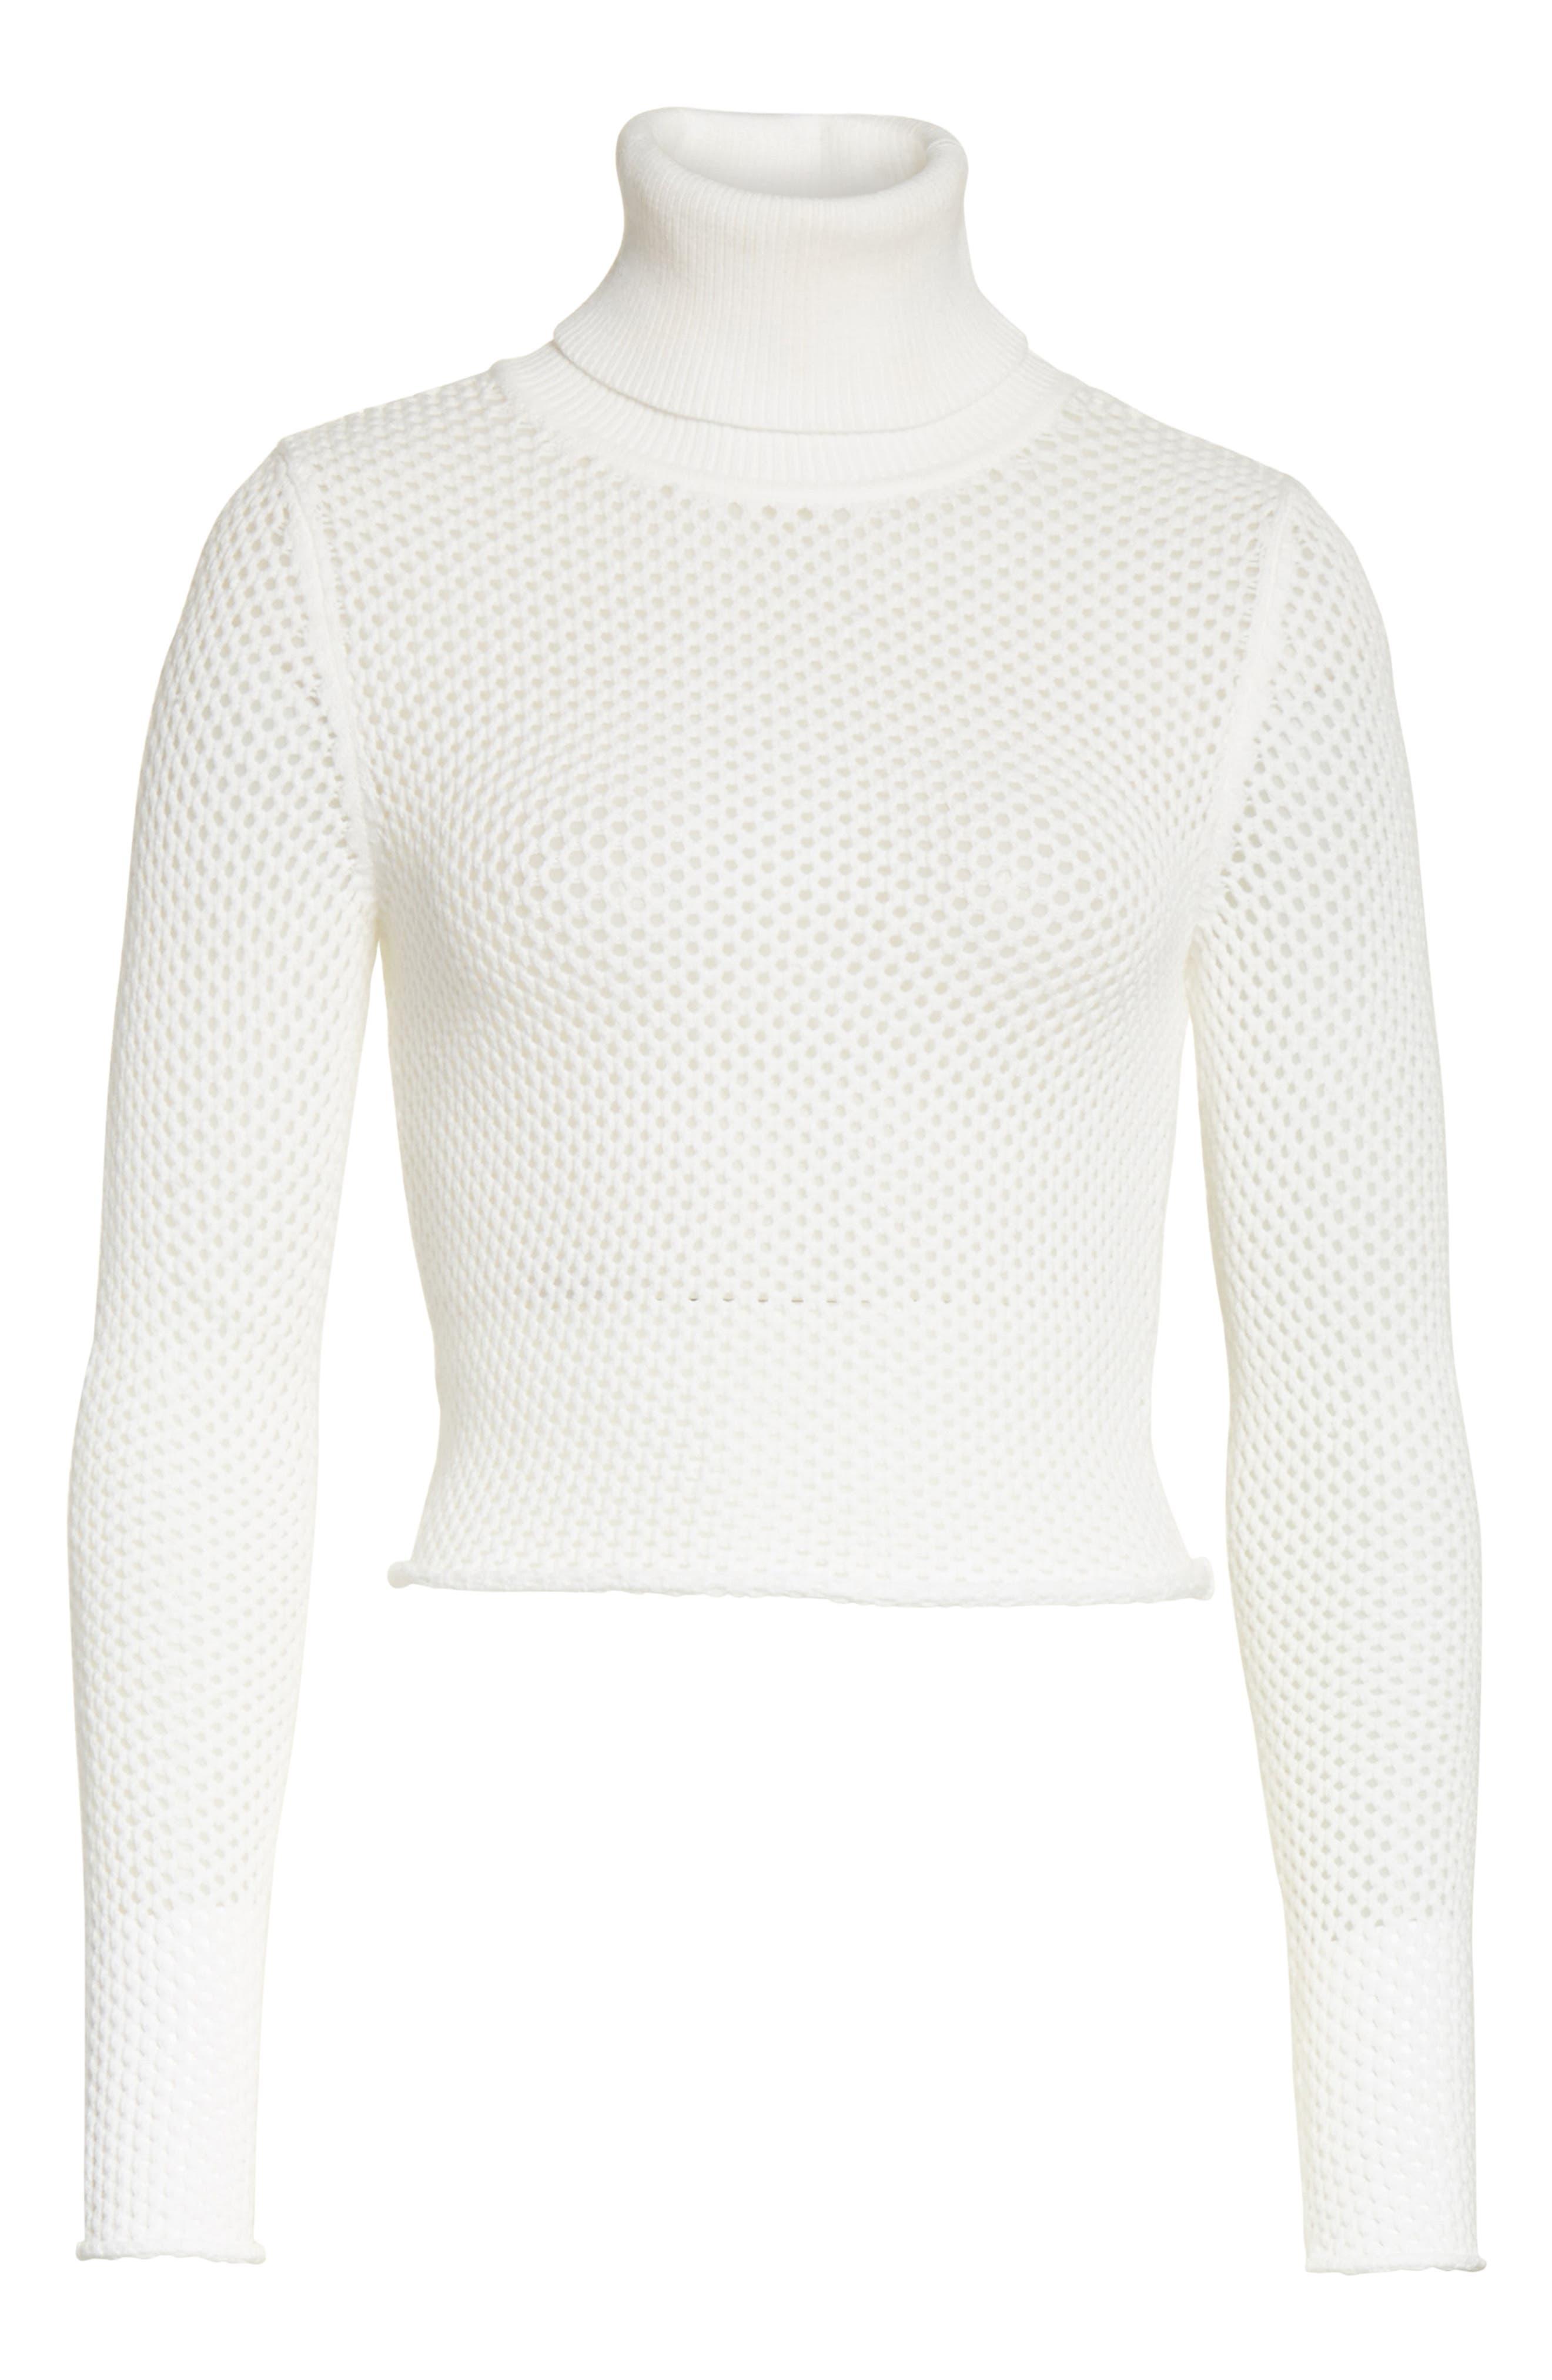 Jones Fishnet Sweater,                             Alternate thumbnail 5, color,                             White